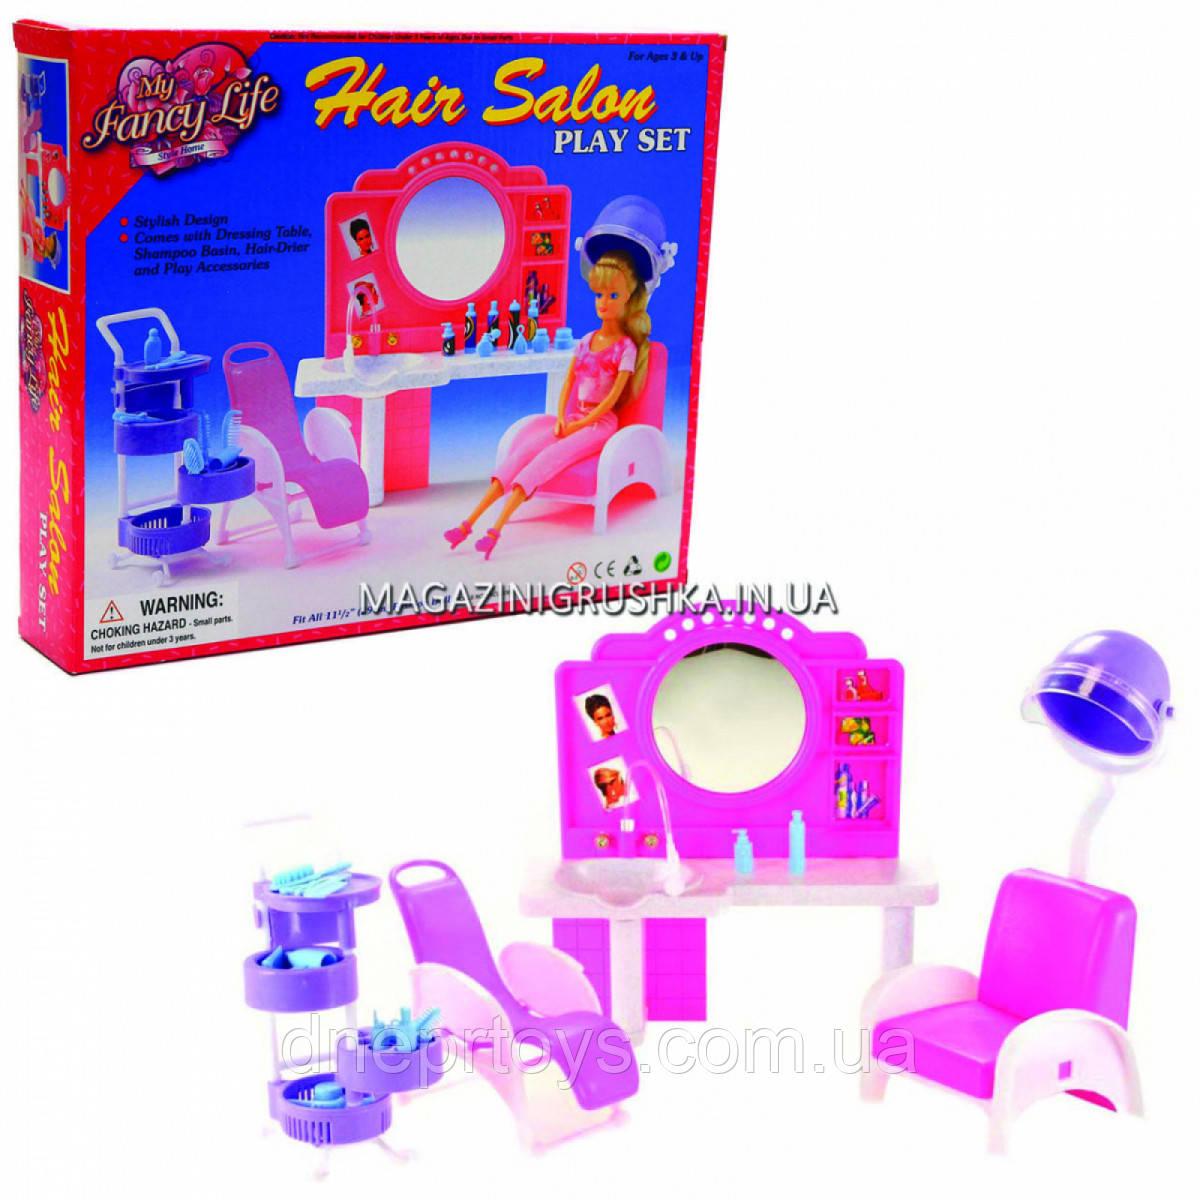 Дитяча іграшкова меблі Глорія Gloria для ляльок Барбі Перукарський салон 96009. Облаштуйте ляльковий будиночок